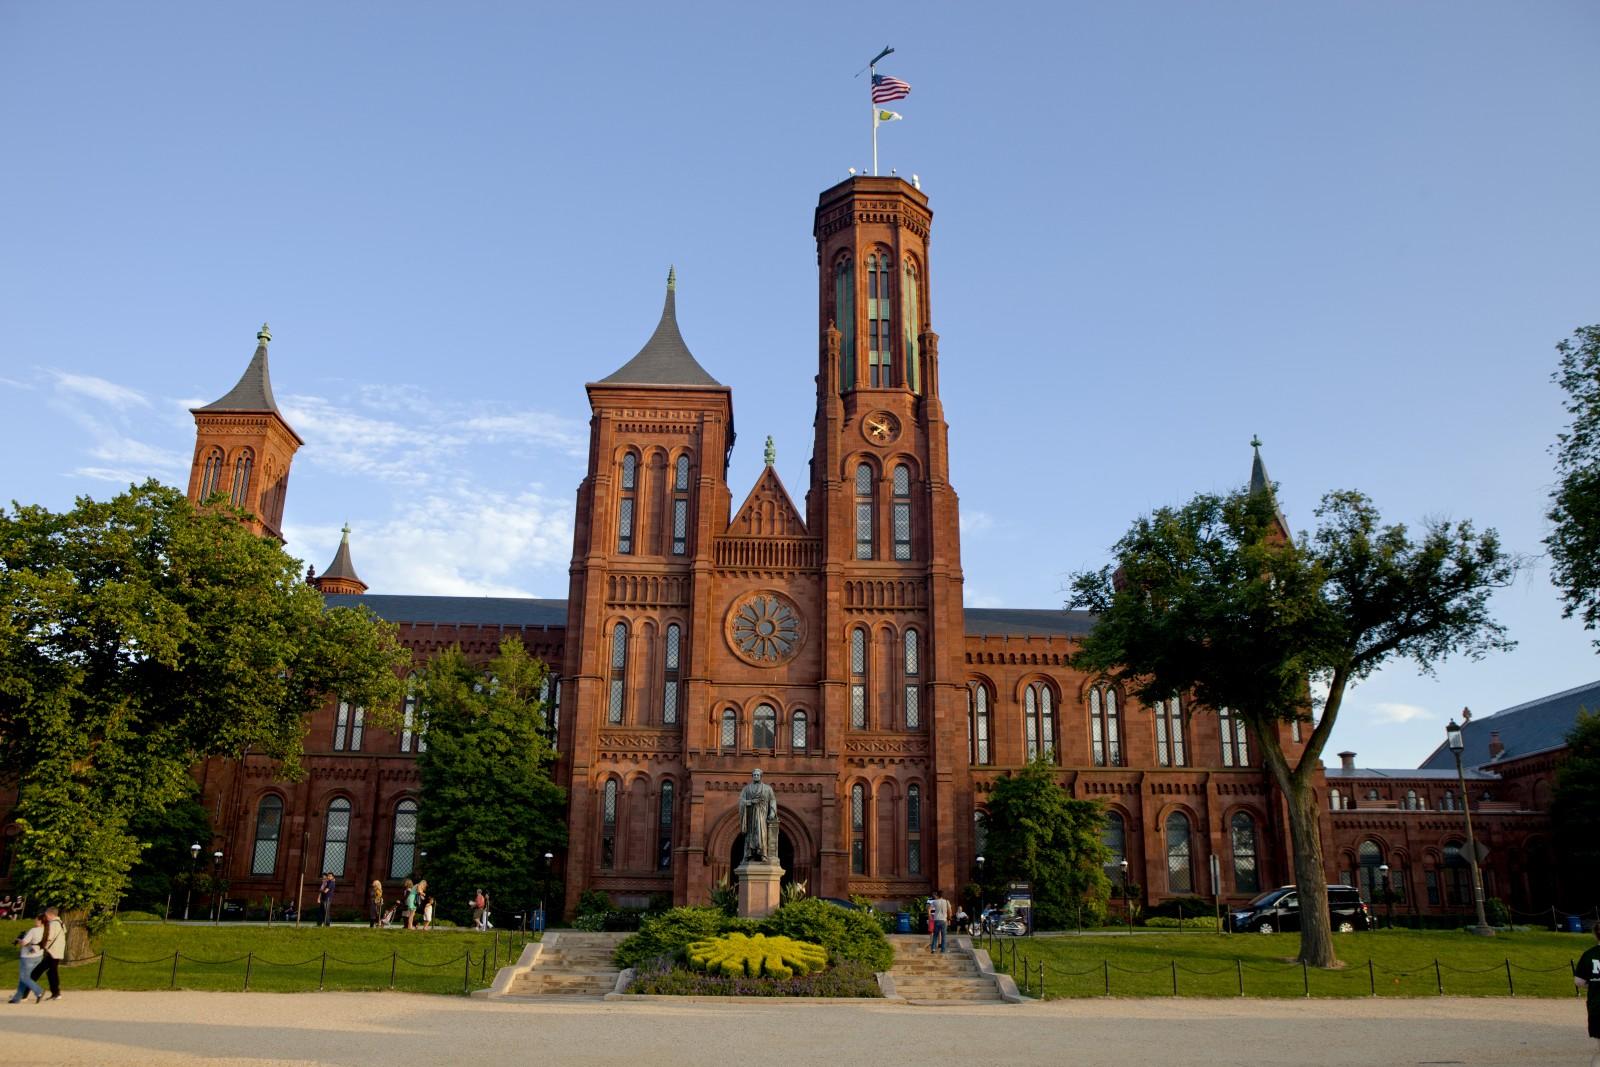 Die Smithsonian Institution ist eine Forschungs- und Bildungseinrichtung in Washington, D.C.